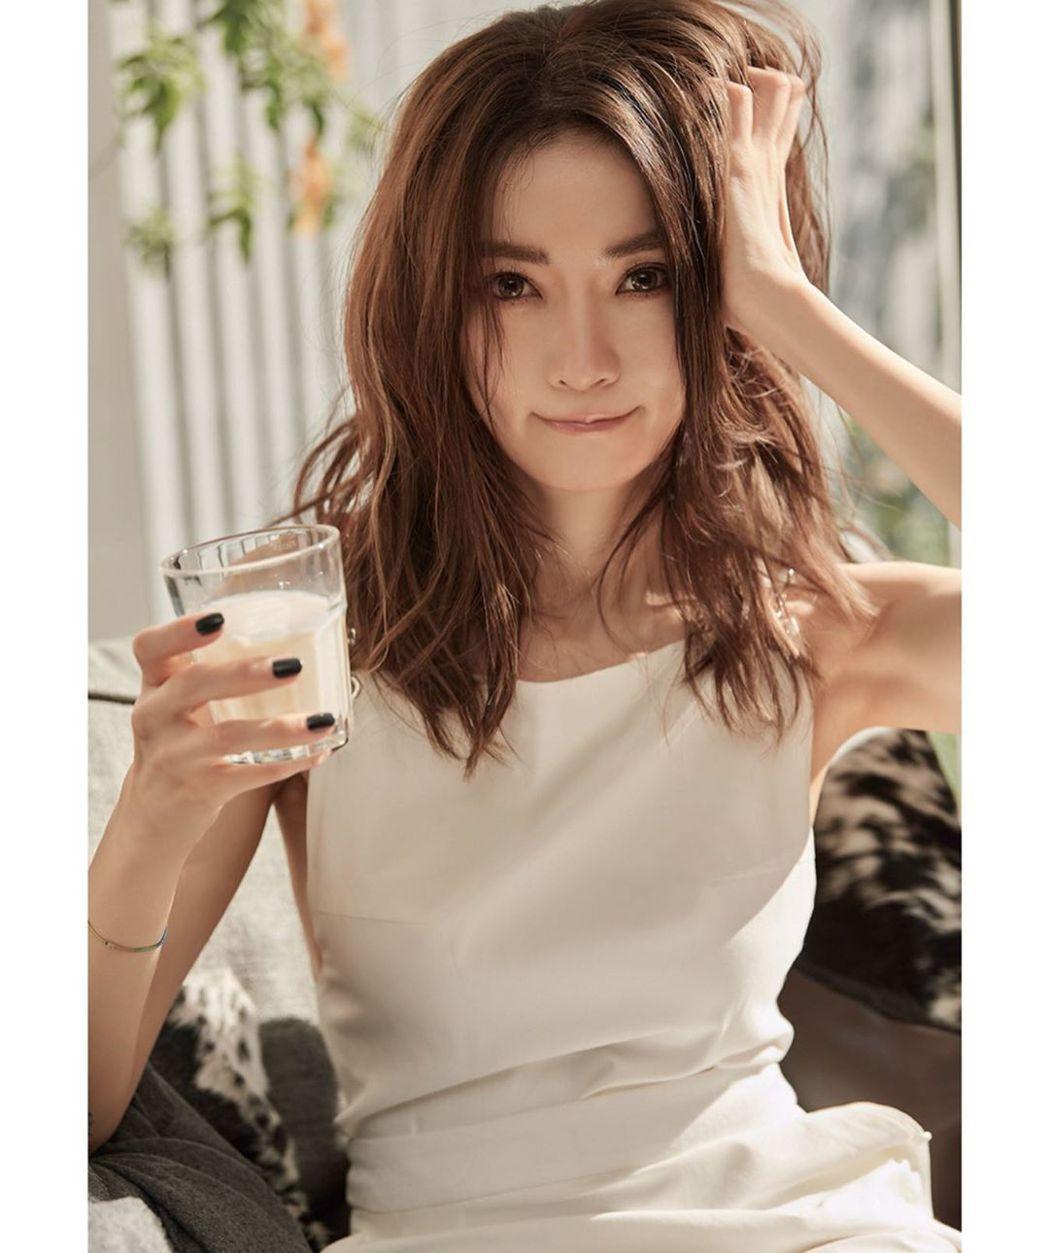 除了秀出華服美照之外,謝金燕還分享了喝牛奶的生活畫面。圖/摘自謝金燕IG